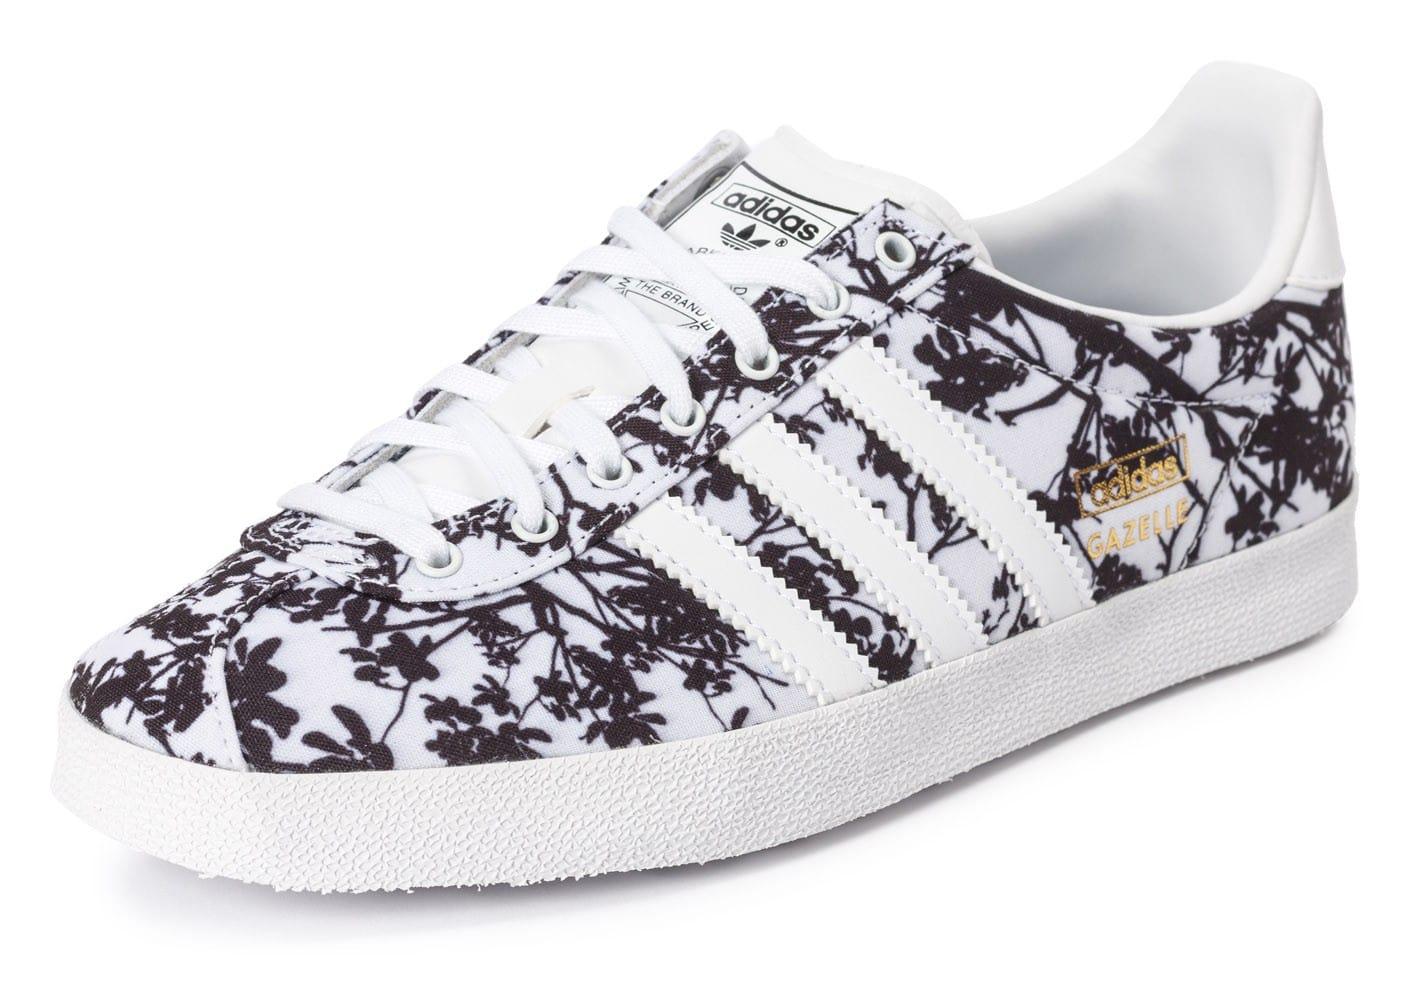 Découvrez le confort de la technologie Air avec les adidas originals gazelle  flower. Découvrez tous les styles de adidas originals gazelle flower pour  ... 69fa81f320df